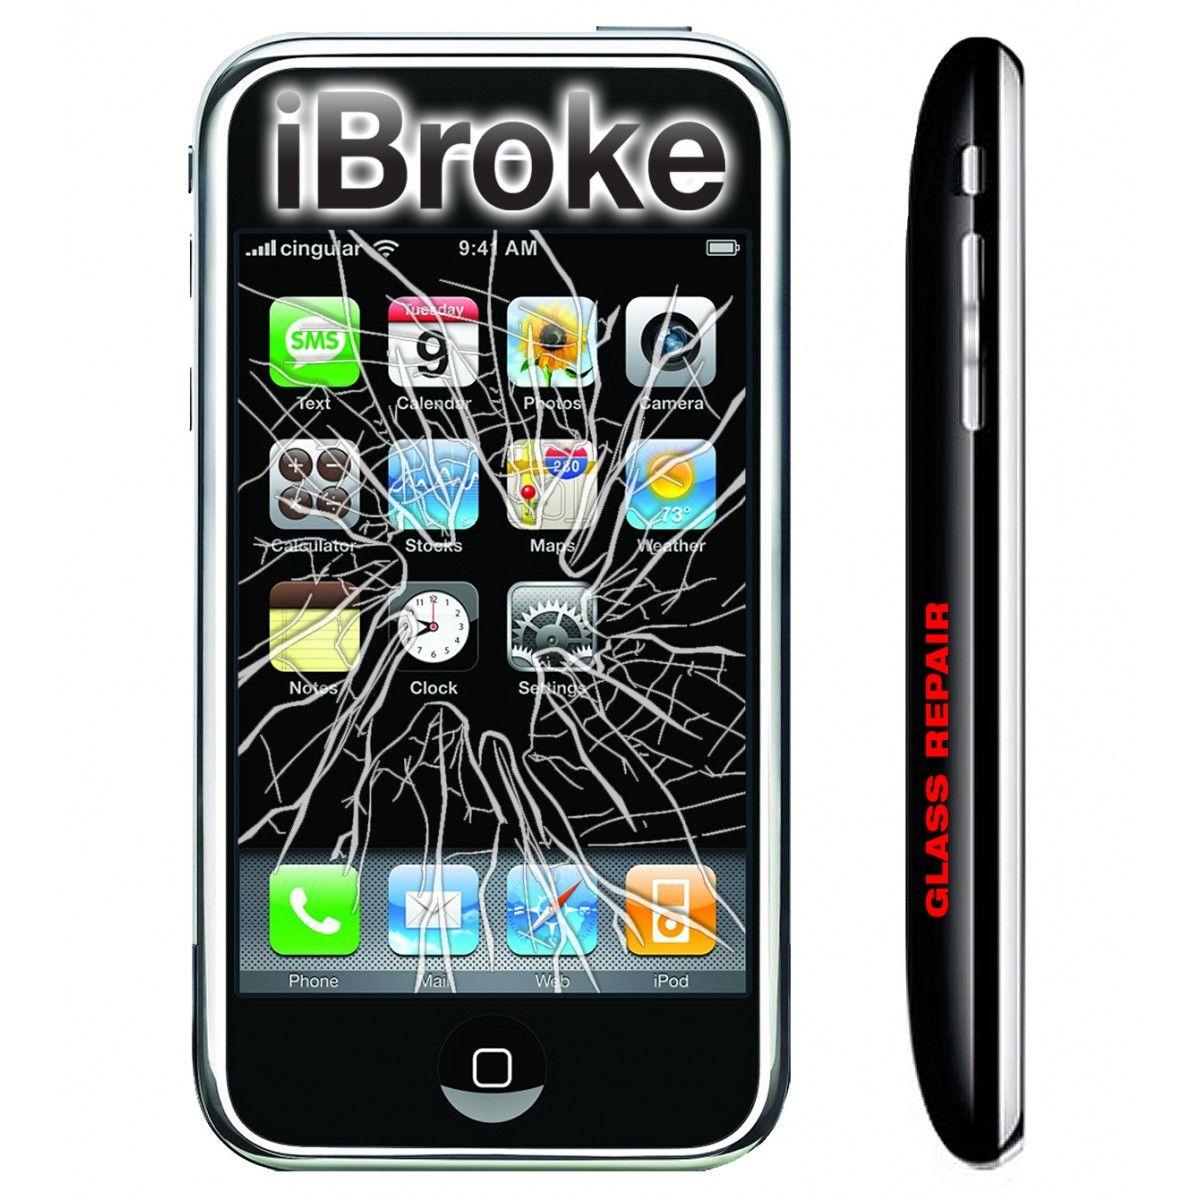 iphone 3g broken glass repair Ipad repair, Glass repair